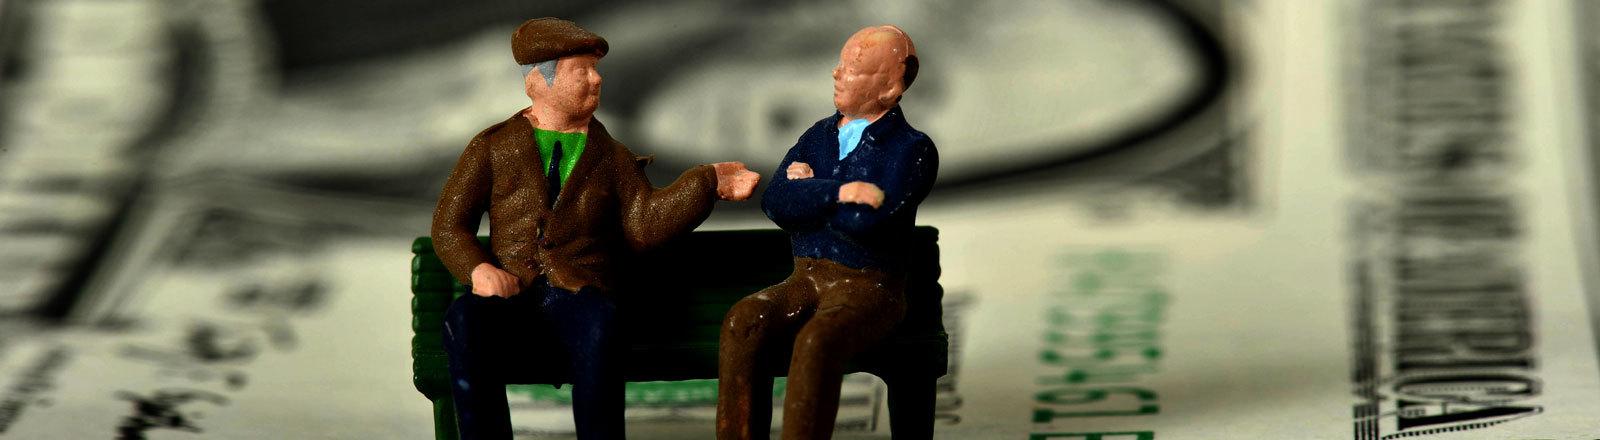 Zwei Figuren, die Rentner darstellen, sitzen auf einer Bank